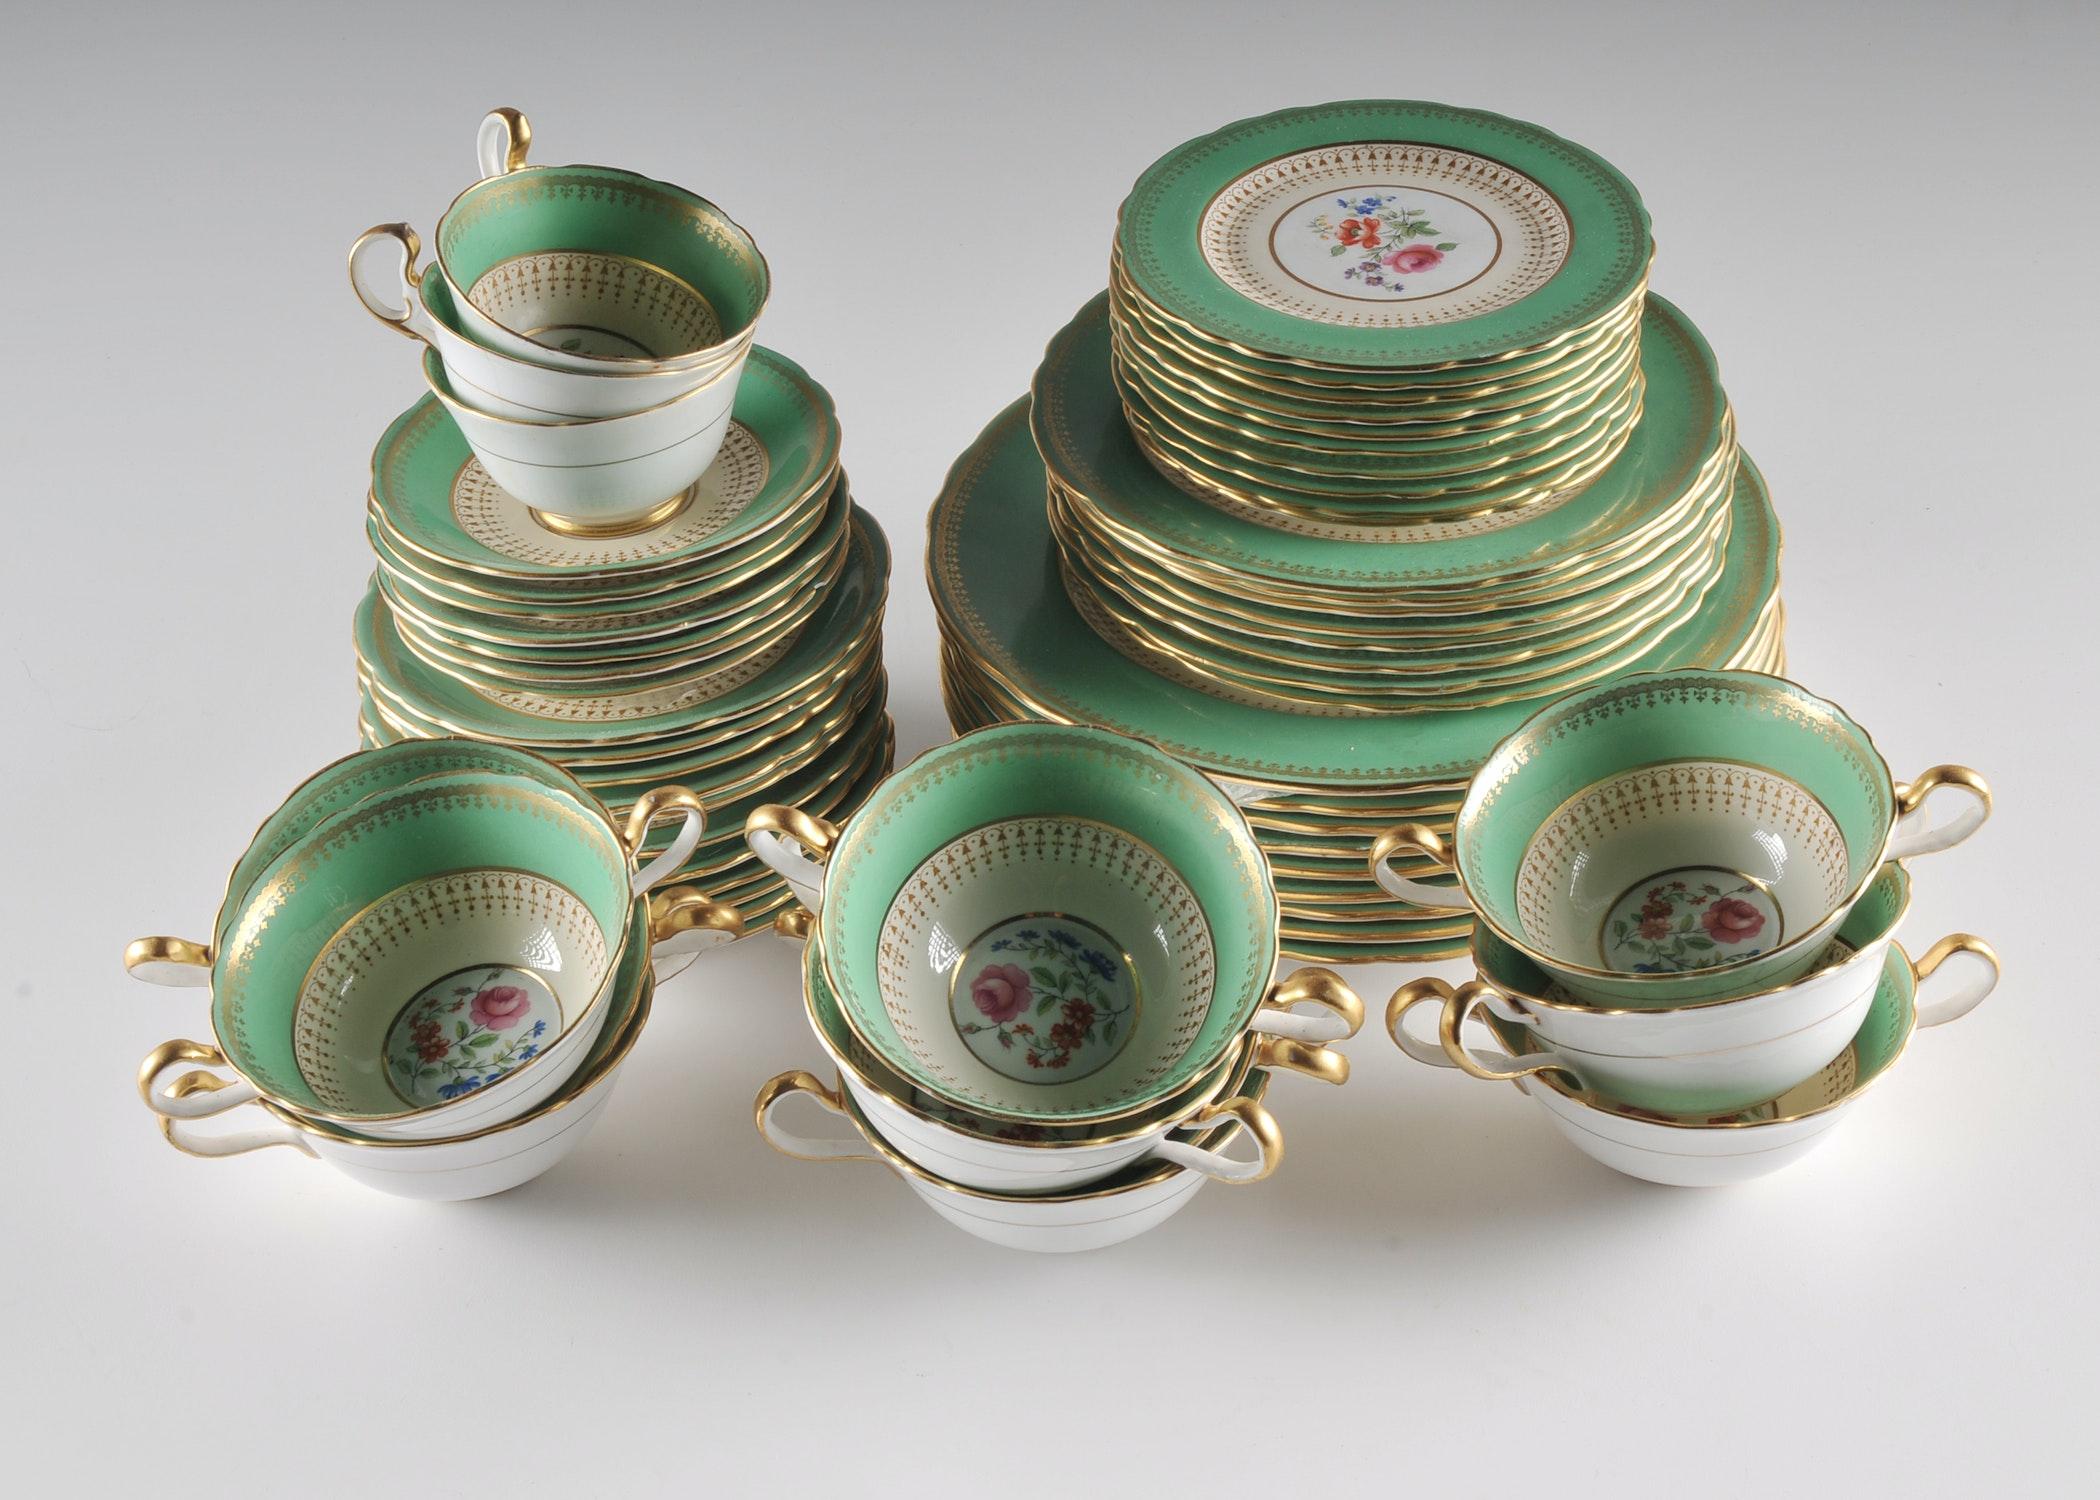 Aynsley Bone China Dinnerware ... & Aynsley Bone China Dinnerware : EBTH